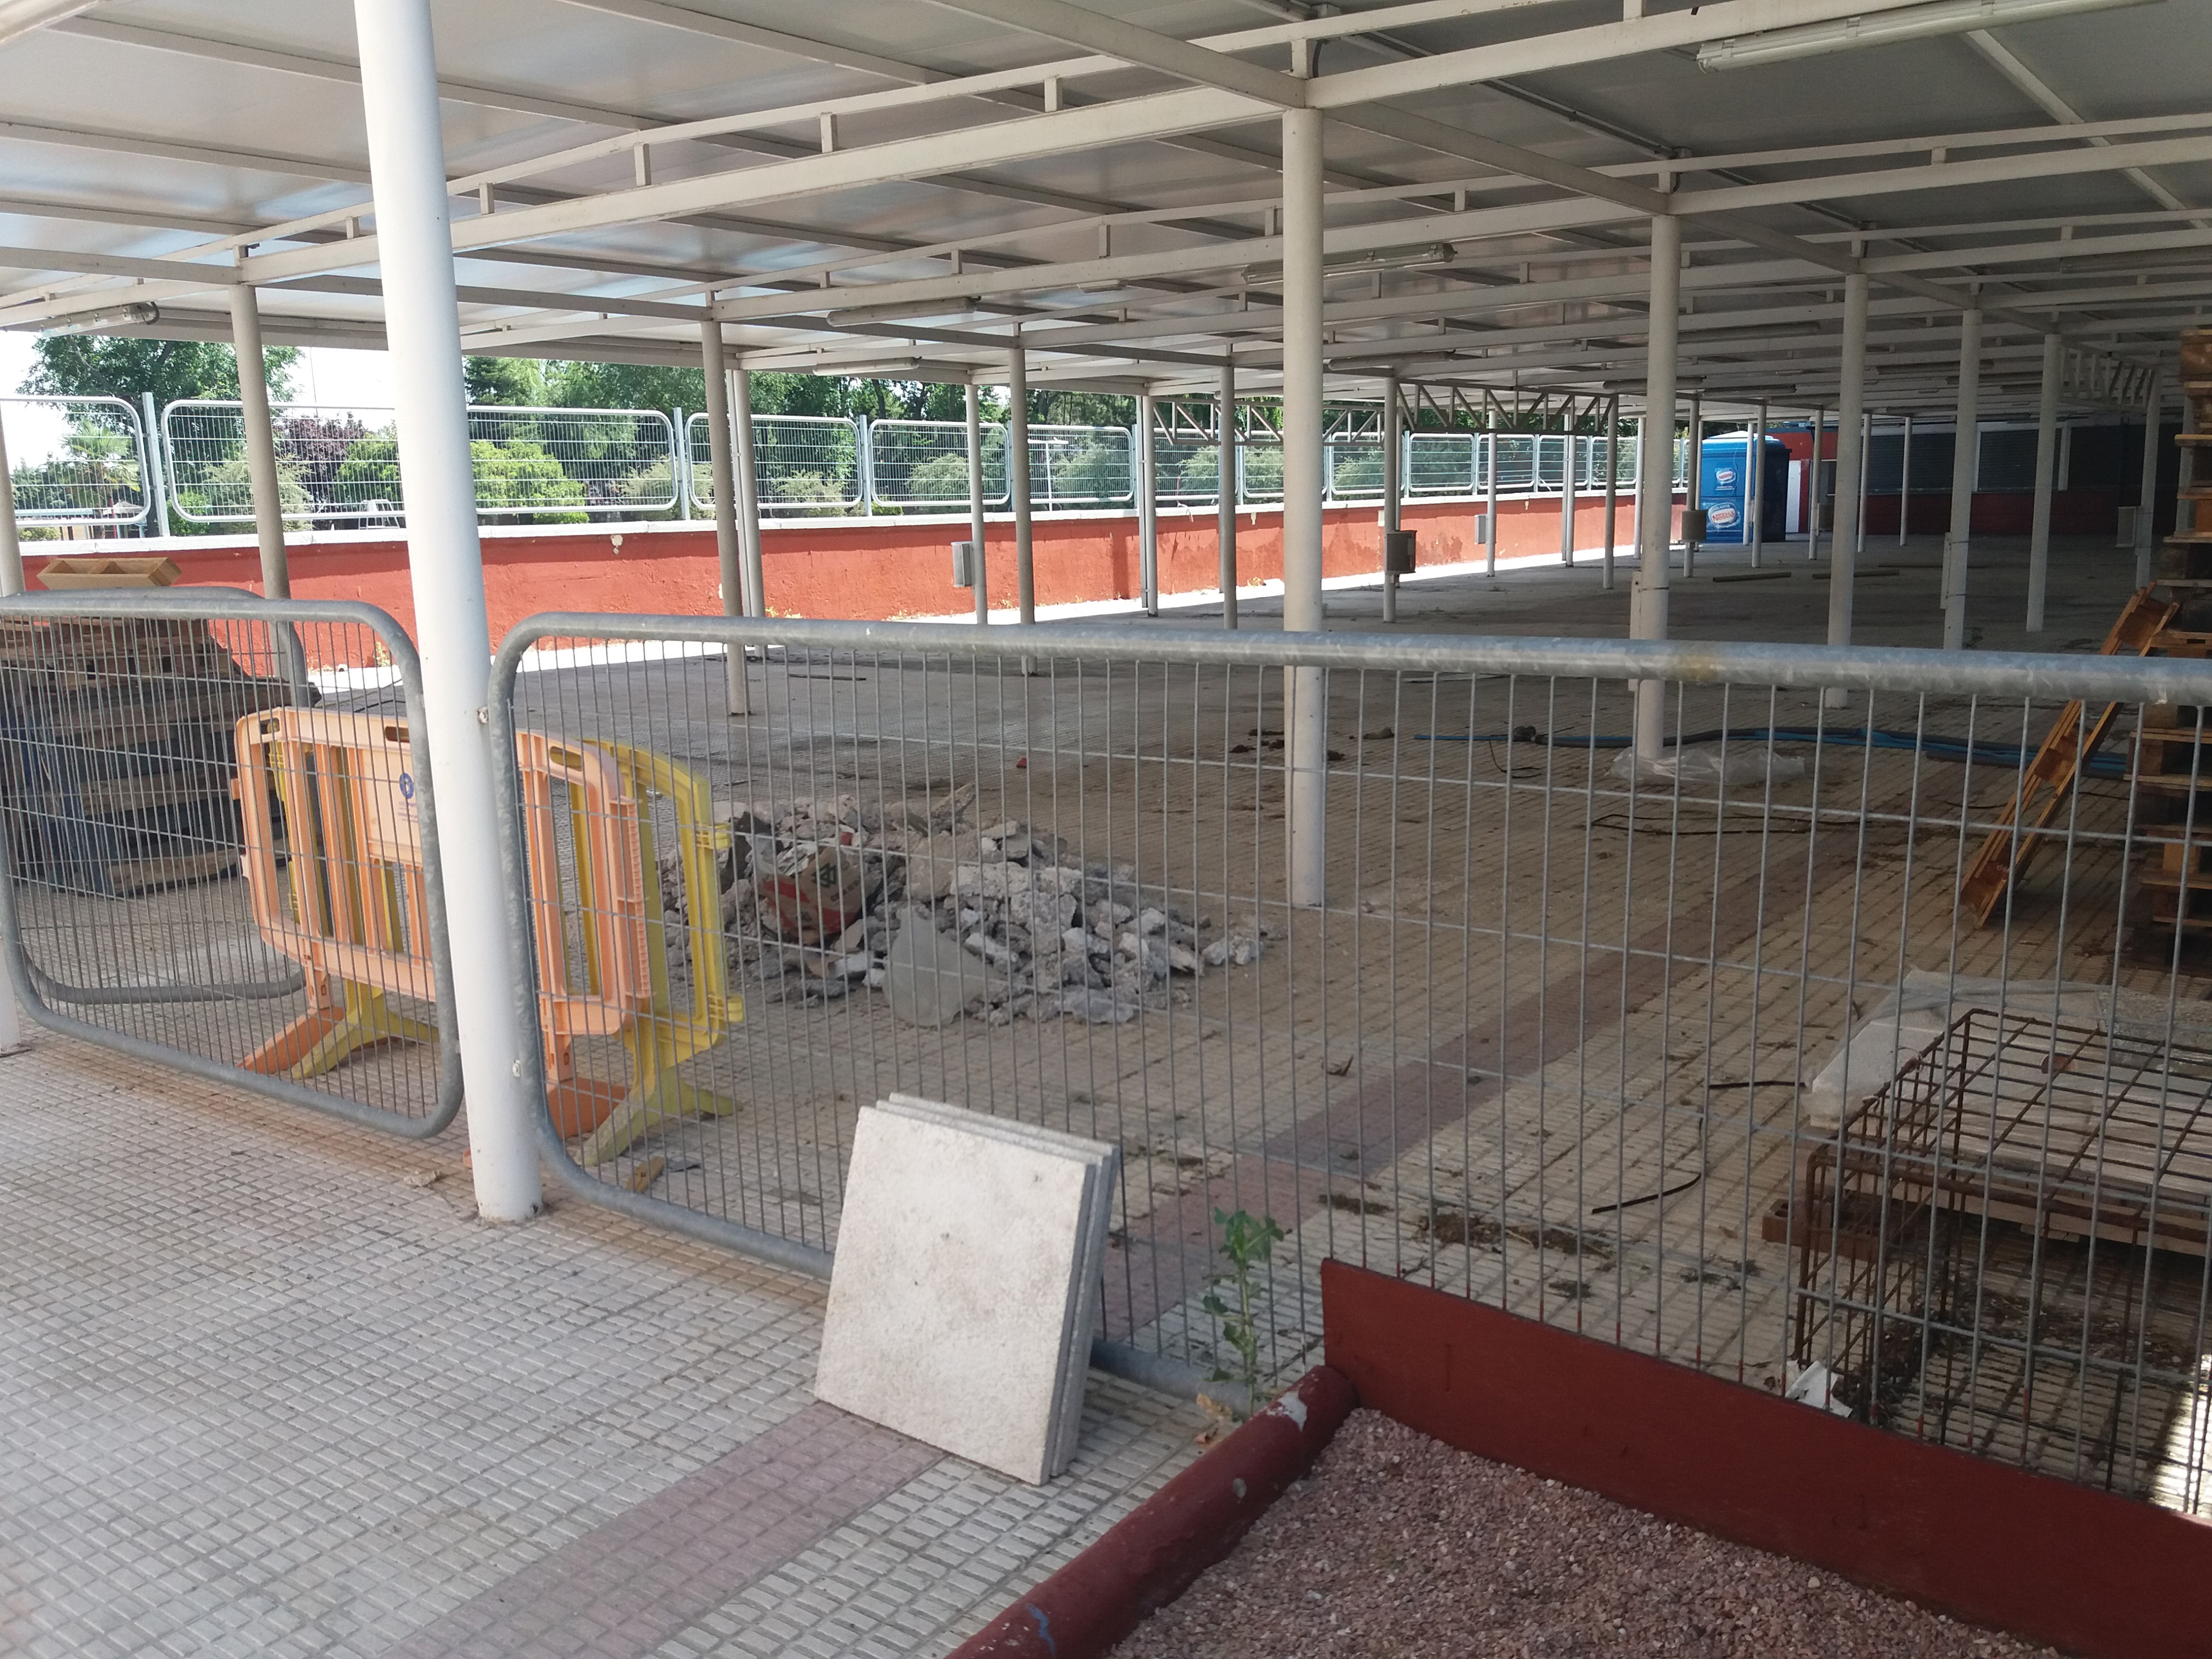 La piscina municipal hace aguas con la gesti n de ganemos for Piscina municipal getafe